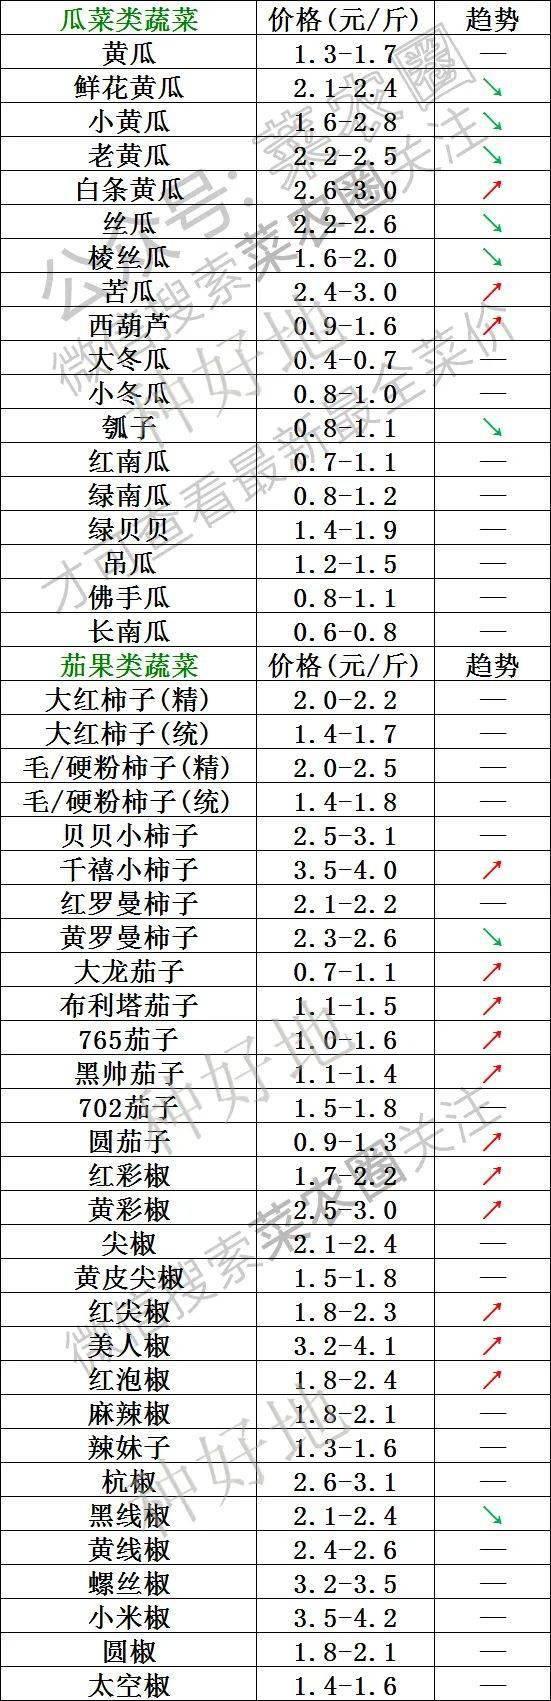 2021年9月13日北京新发地,山东寿光,云南,河北石家庄今日蔬菜价格行情一览表